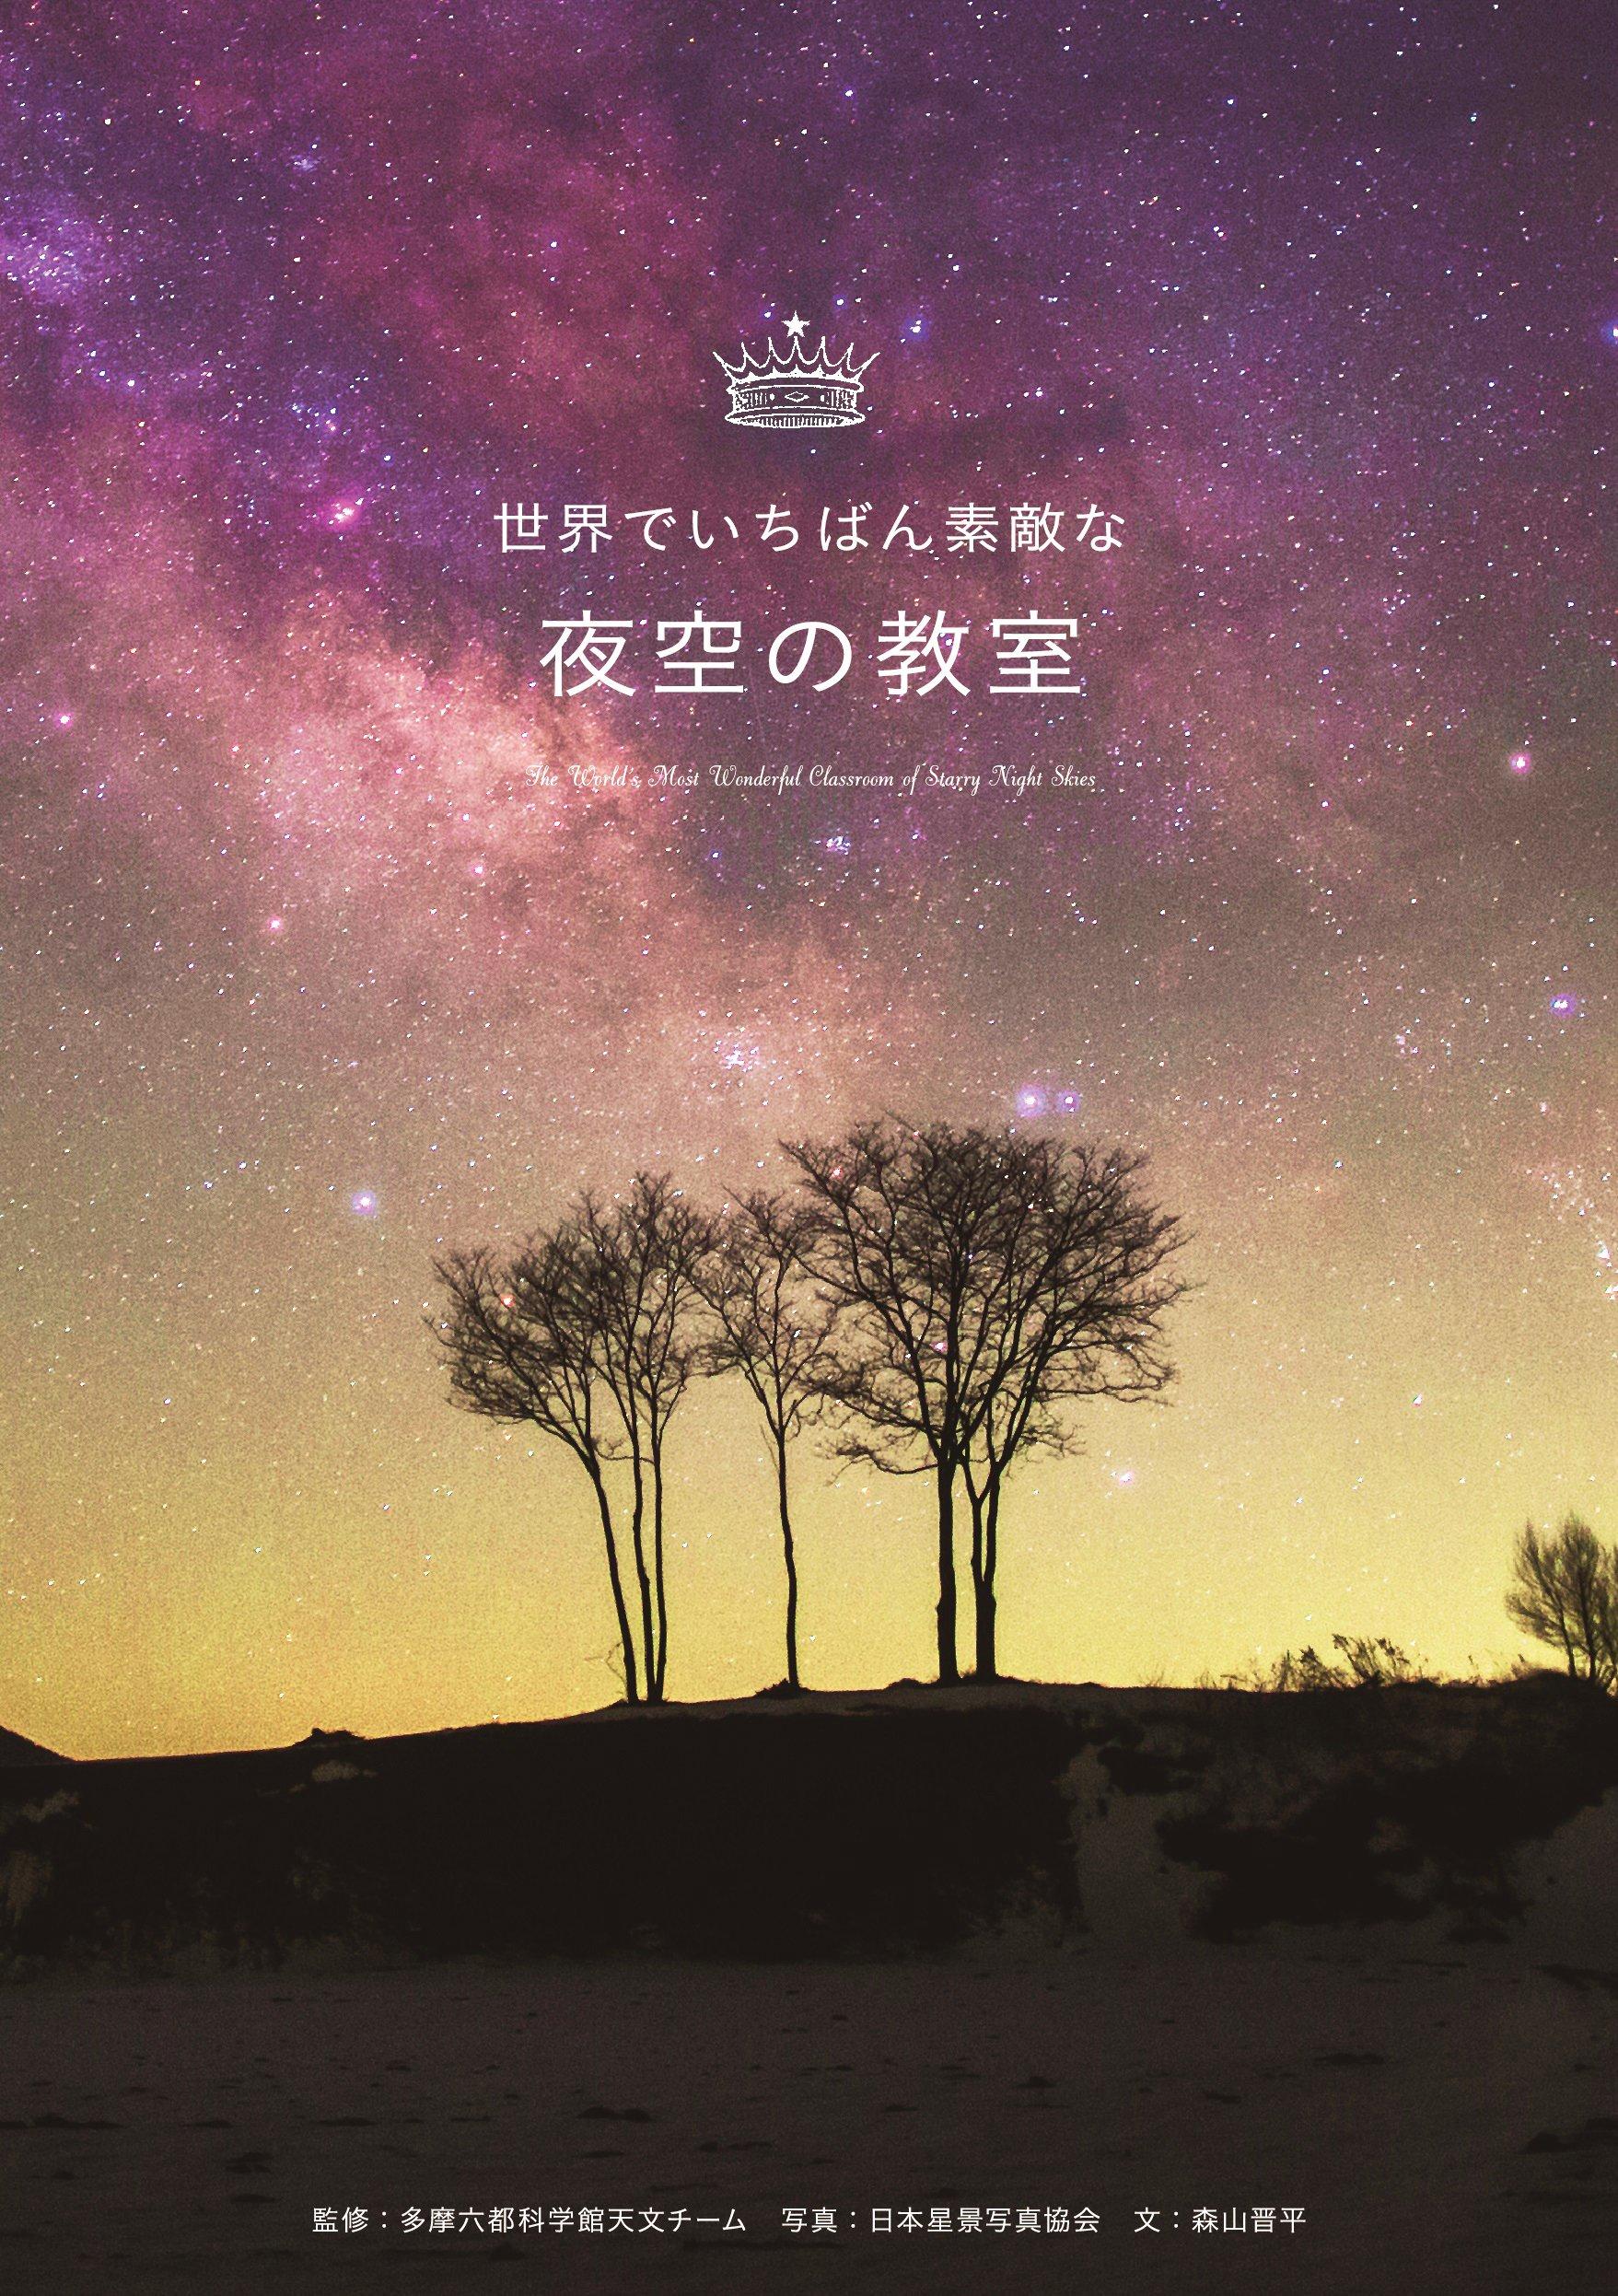 世界でいちばん素敵な夜空の教室   多摩六都科学館  本   通販   Amazon